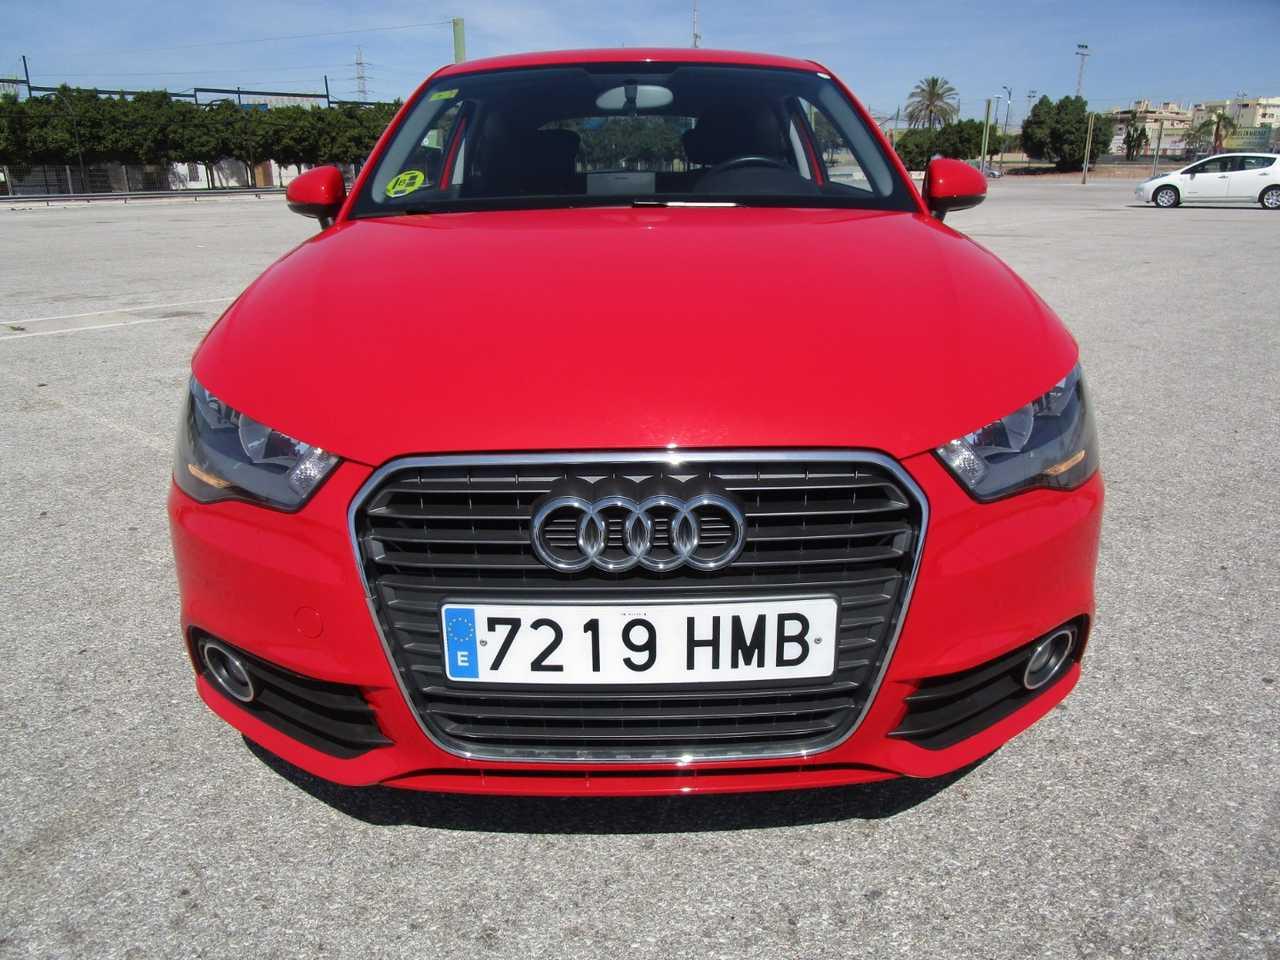 Audi A1 1.6 tdi advance 90 cv uso privado UN SOLO PROPIETARIO, CERTIFICADO DE KM Y CARROCERIA   - Foto 1